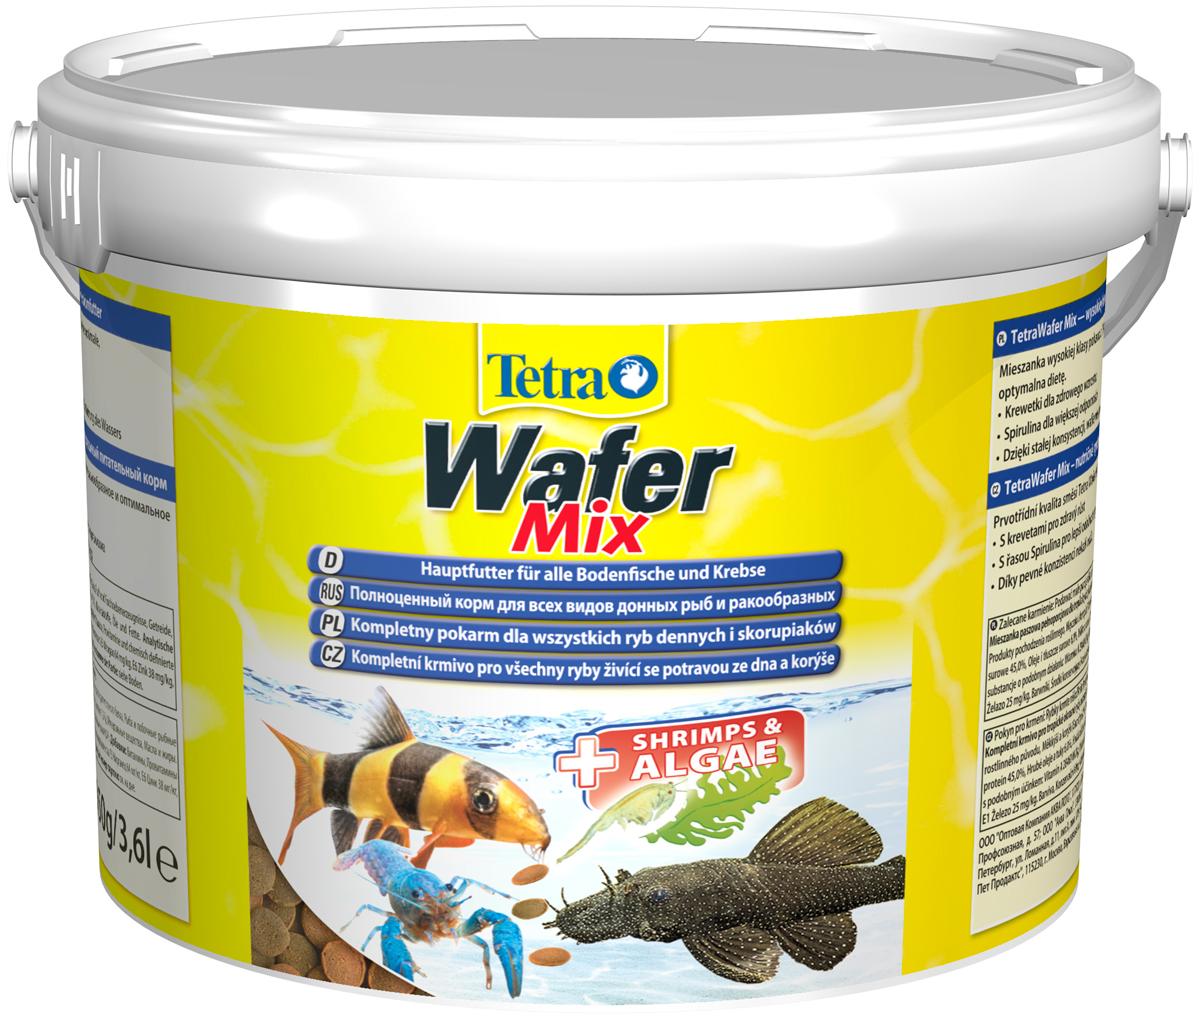 Tetra Wafer Mix — Тетра корм-чипсы для донных рыб и ракообразных (15 гр) фото